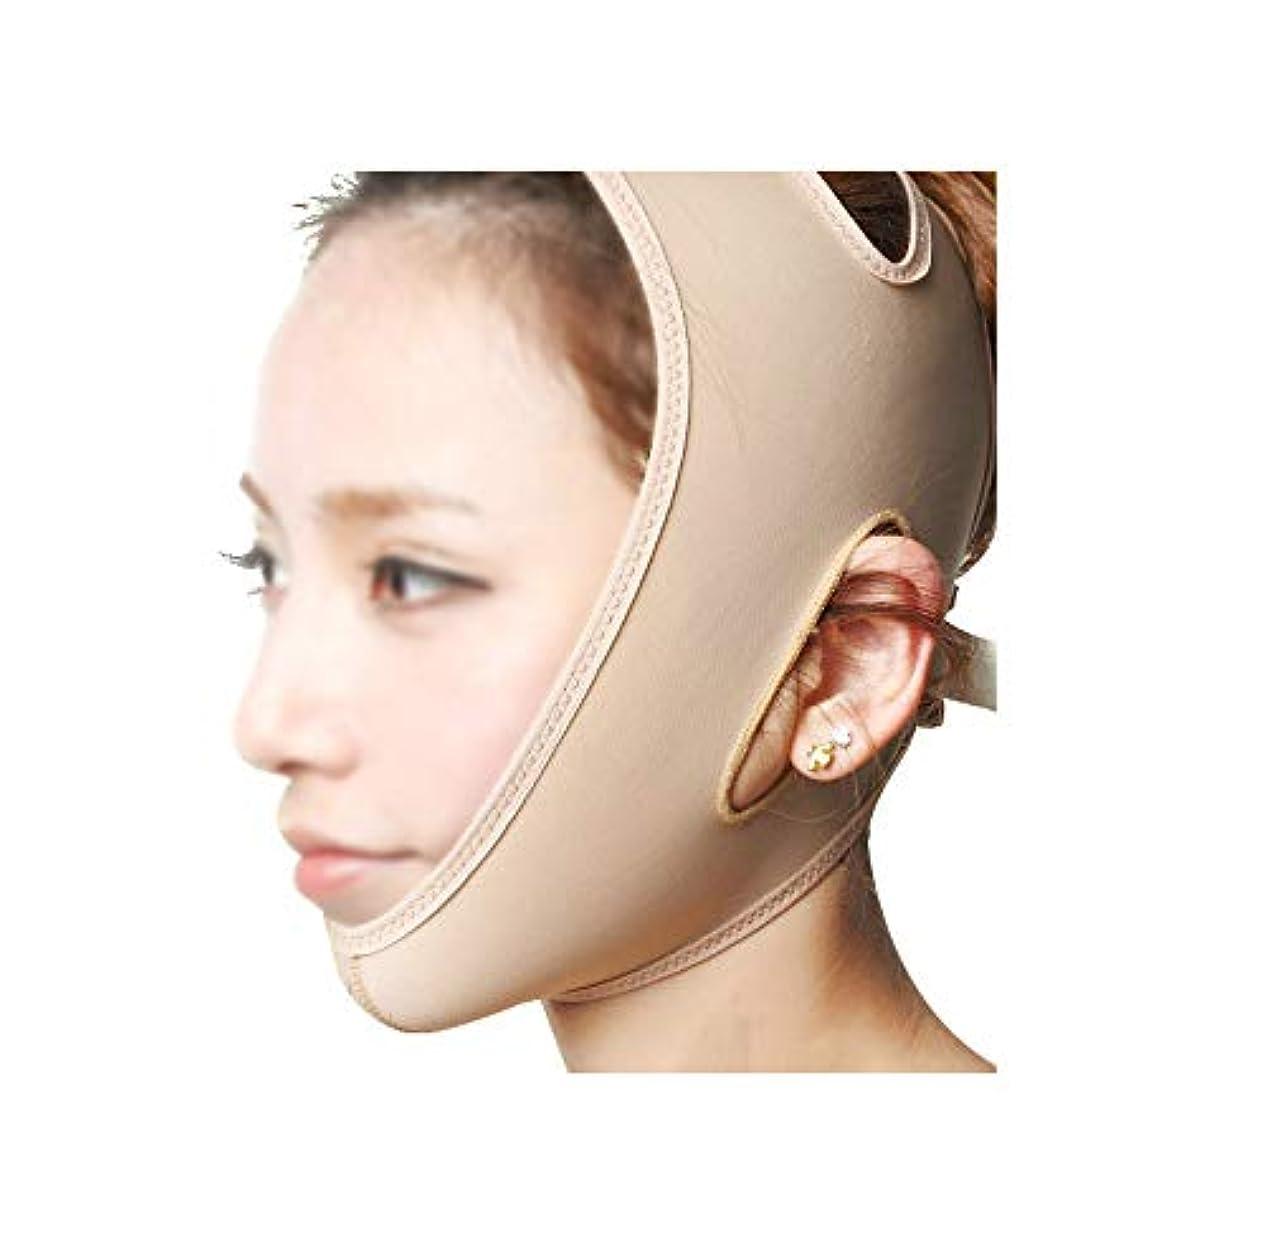 気配りのある傷つきやすいバッフルLJK フェイスリフティングバンデージ、フェイスマスク3Dパネルデザイン、通気性のある非通気性、高弾性ライクラ生地フィジカルVフェイス、美しい顔の輪郭の作成 (Size : S)